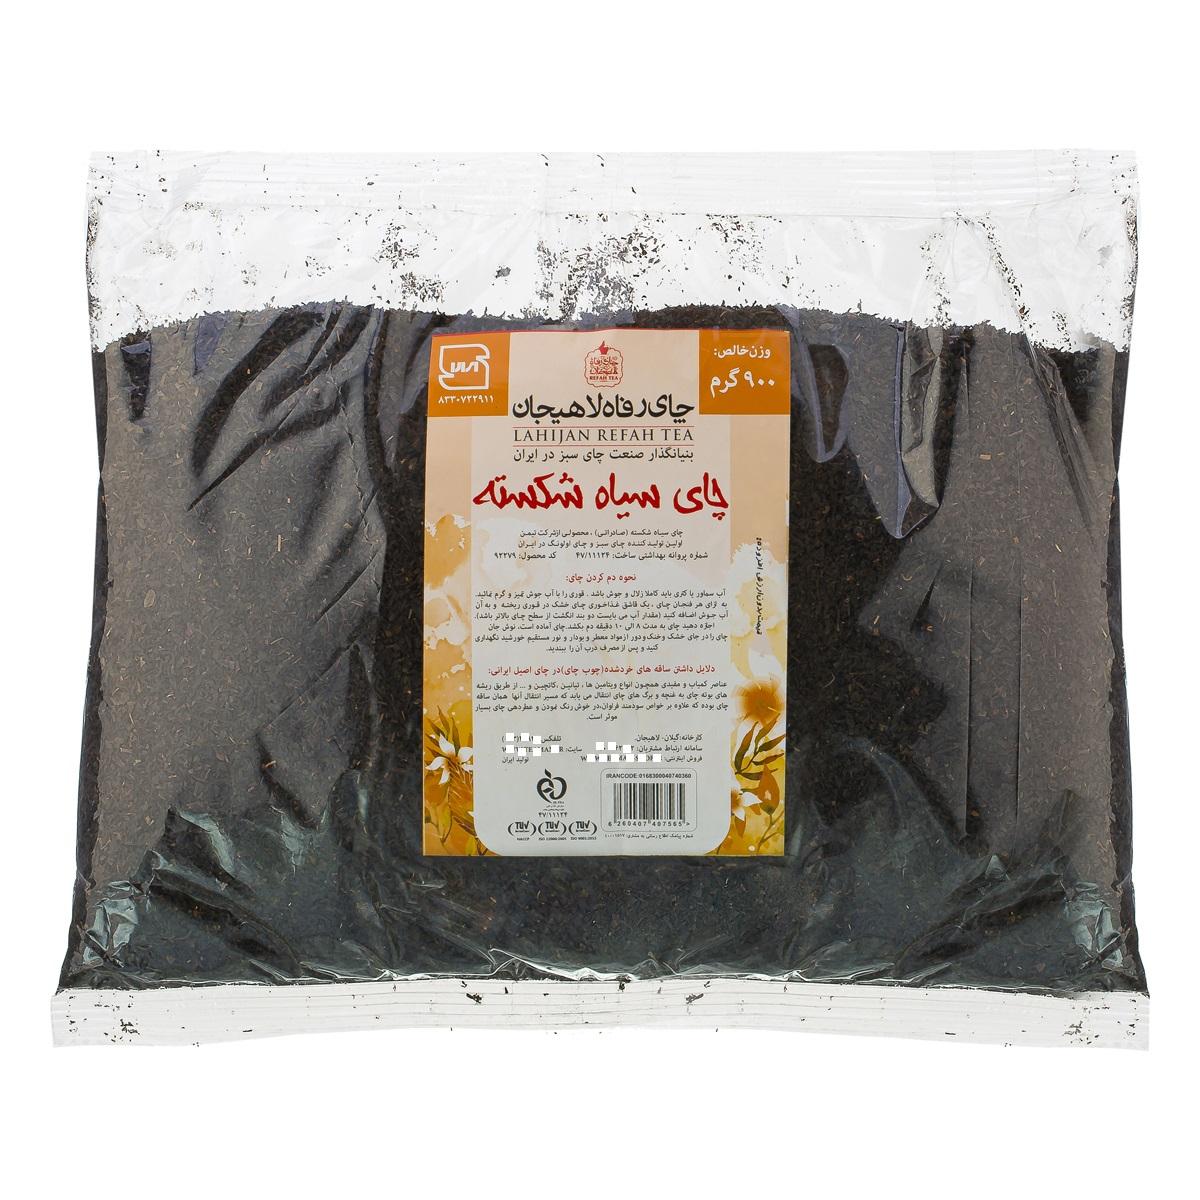 چای سیاه شکسته صادراتی رفاه لاهیجان - 900 گرم